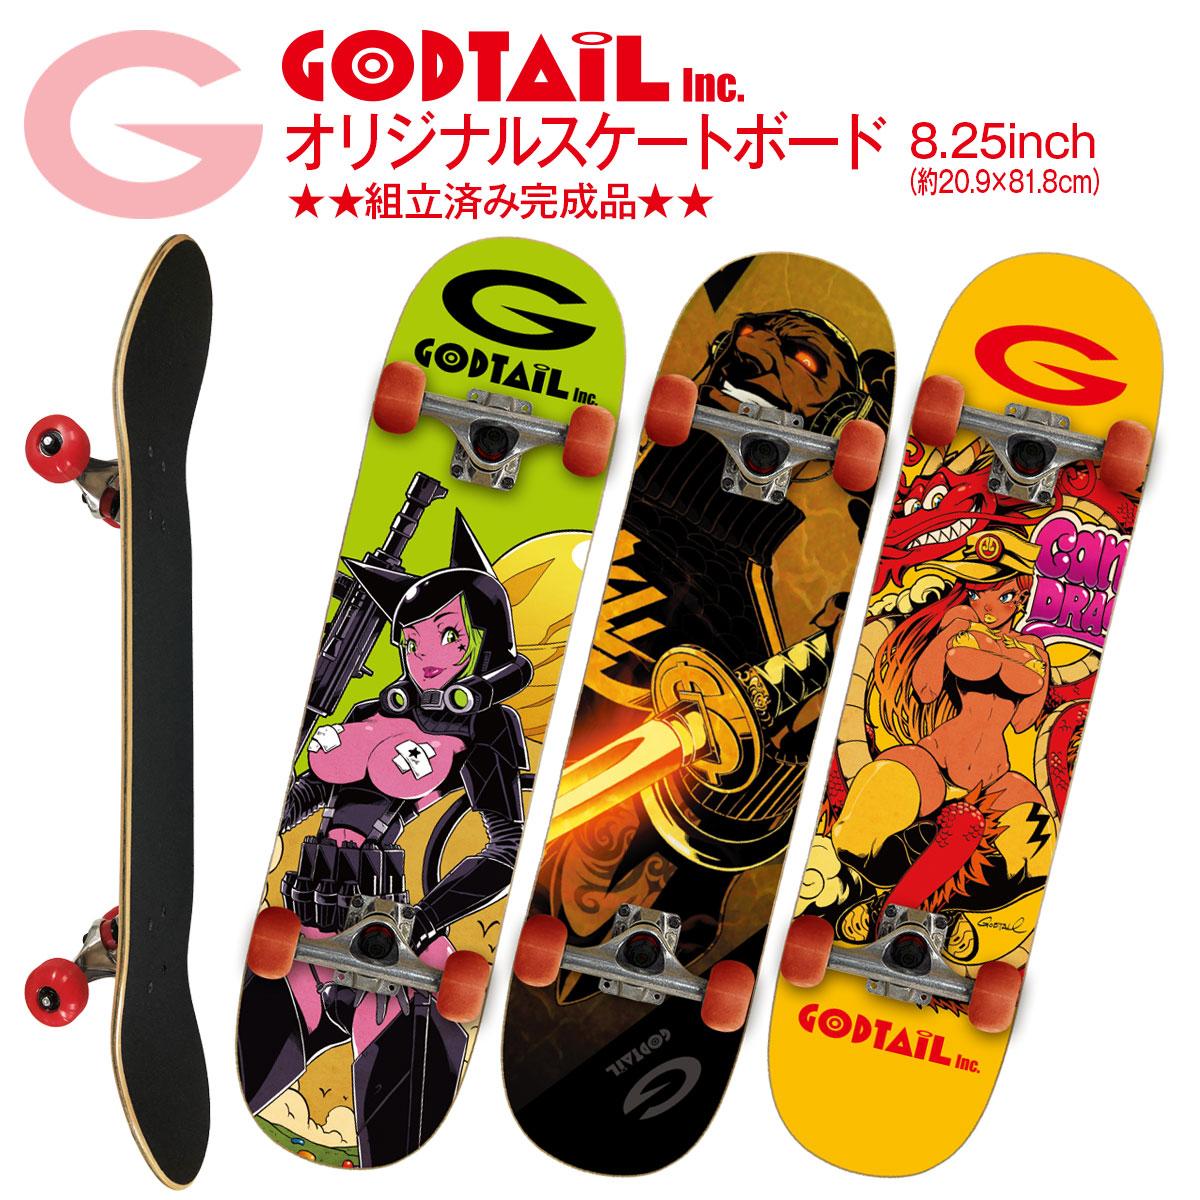 スケートボード スケボー コンプリート セット デッキ 初心者 上級者 おすすめ GODTAIL 129-sb01